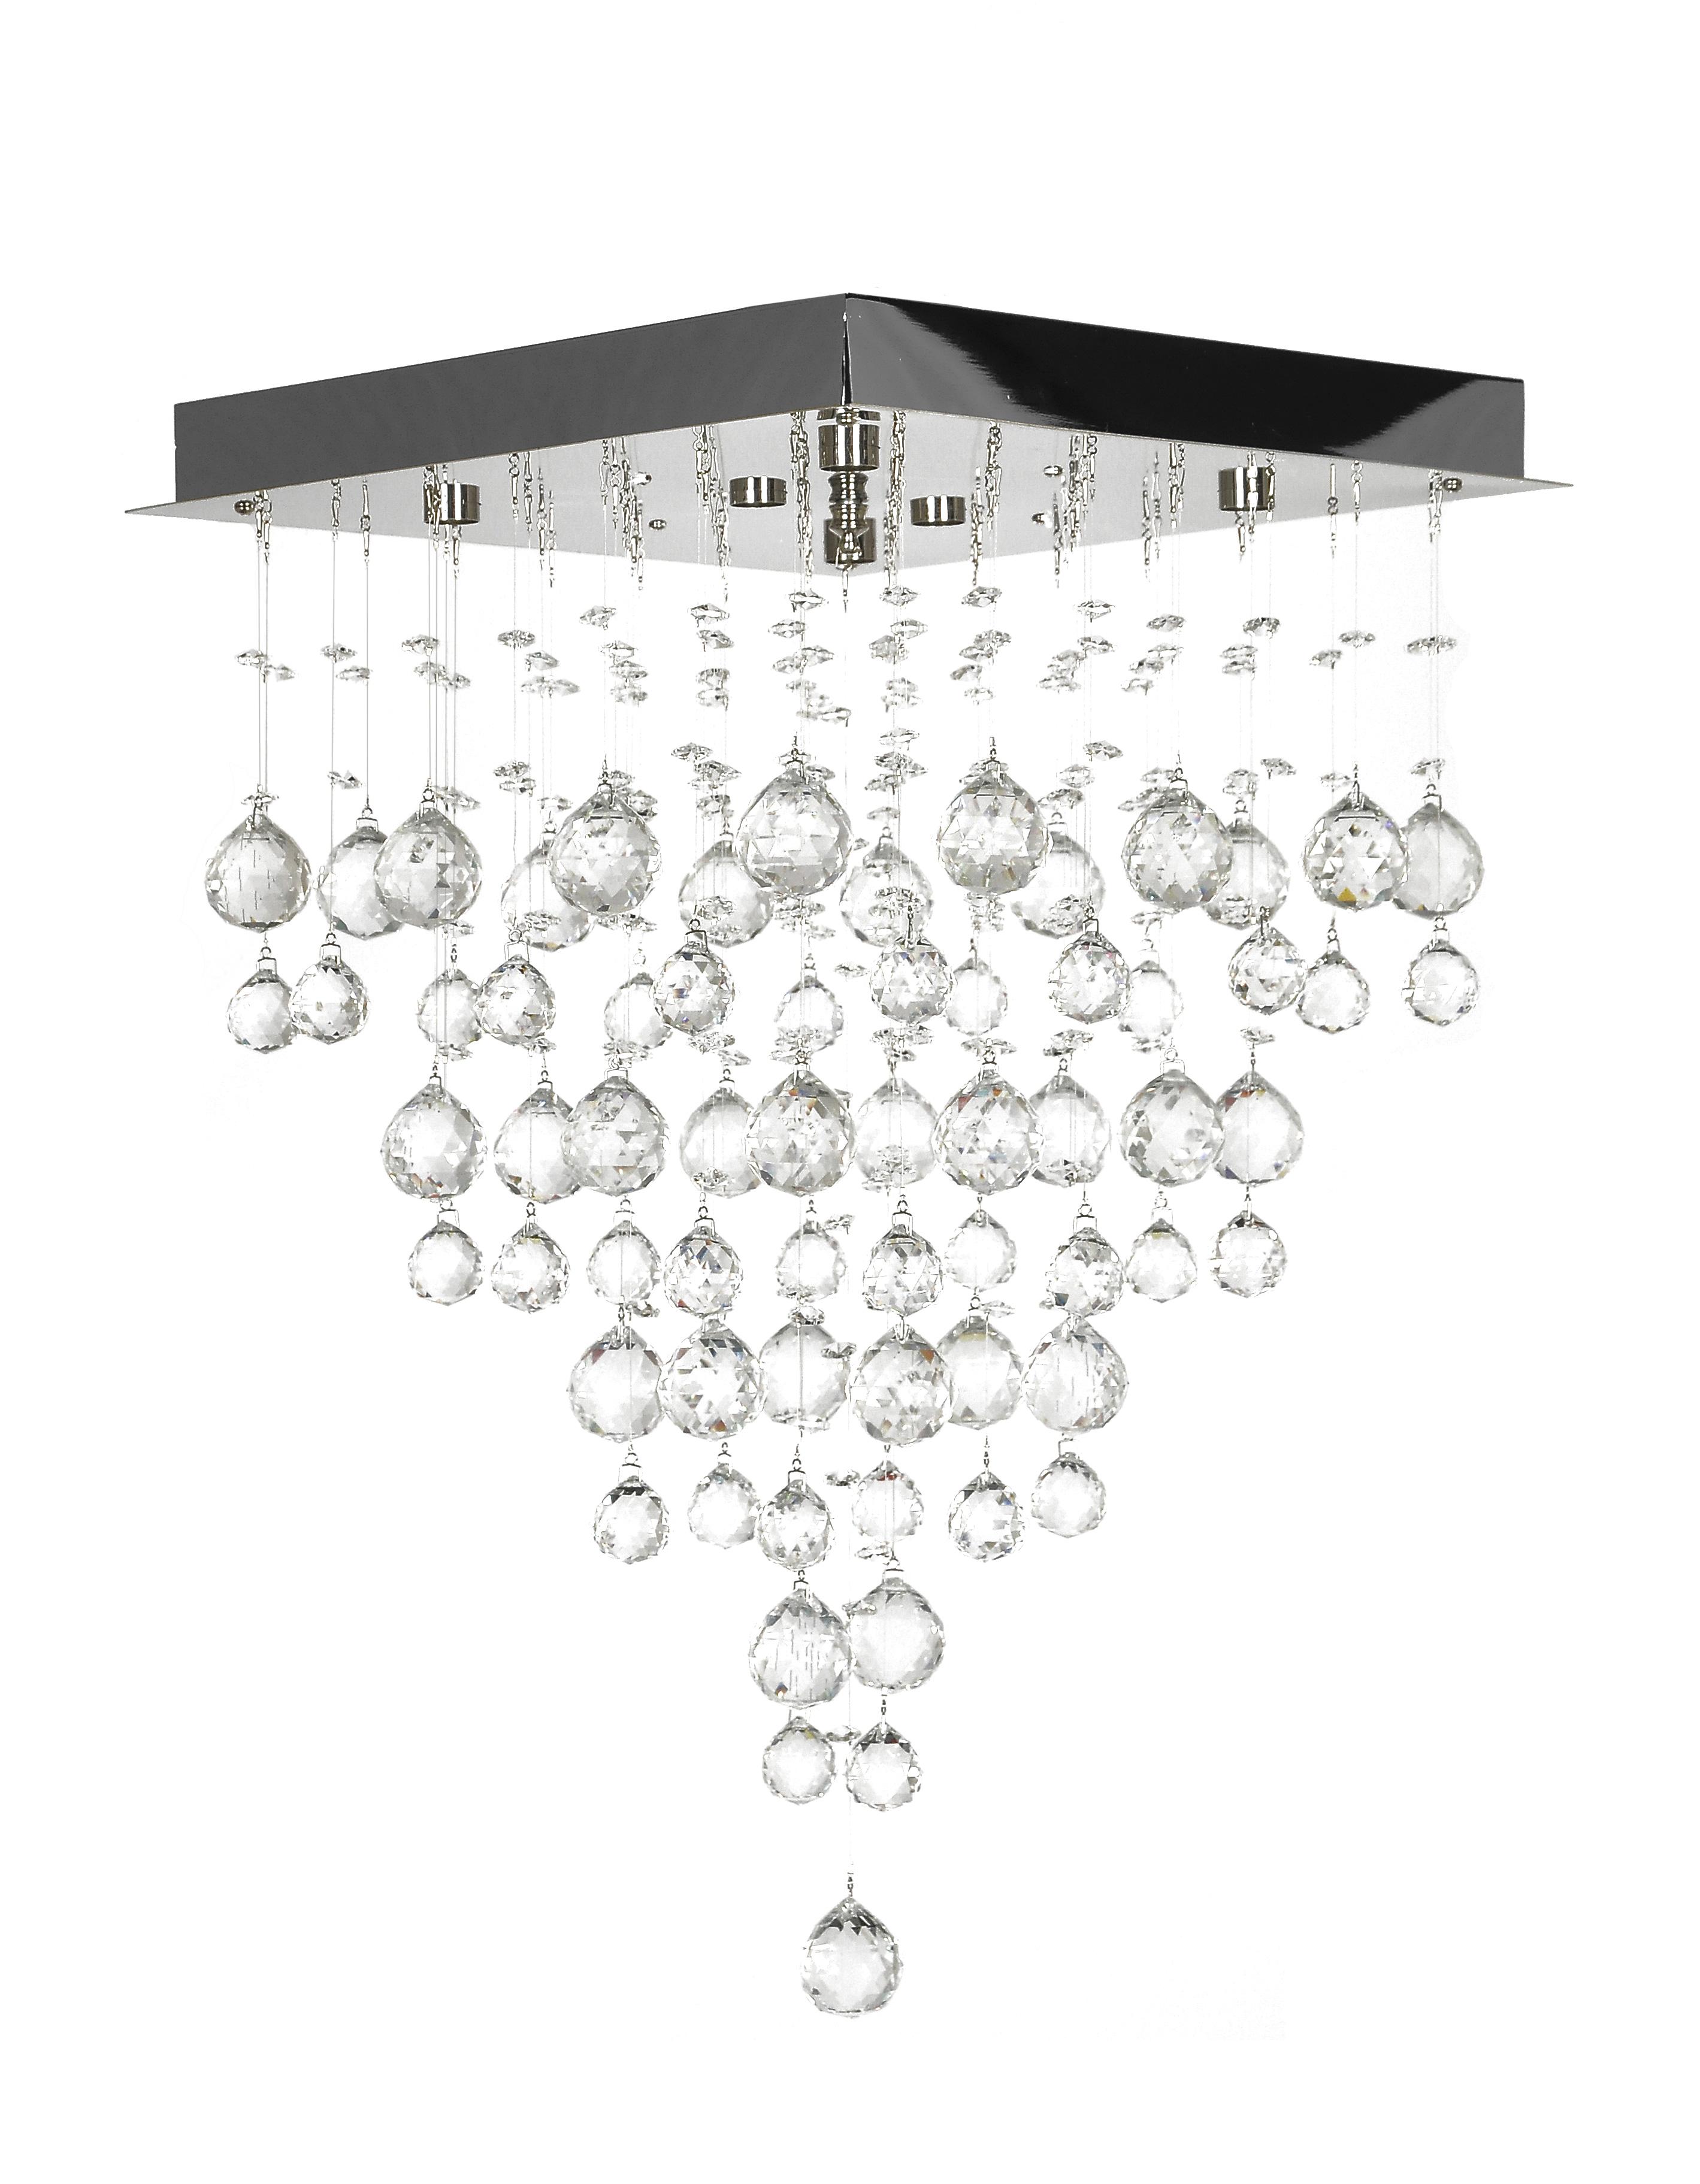 Люстра Arti lampadariЛюстры<br>Назначение светильника: для комнаты,<br>Стиль светильника: классика,<br>Материал плафона: стекло, хрусталь,<br>Материал арматуры: металл,<br>Диаметр: 660,<br>Высота: 400,<br>Количество ламп: 6,<br>Тип лампы: галогенная,<br>Мощность: 40,<br>Патрон: G9,<br>Цвет арматуры: никель<br>